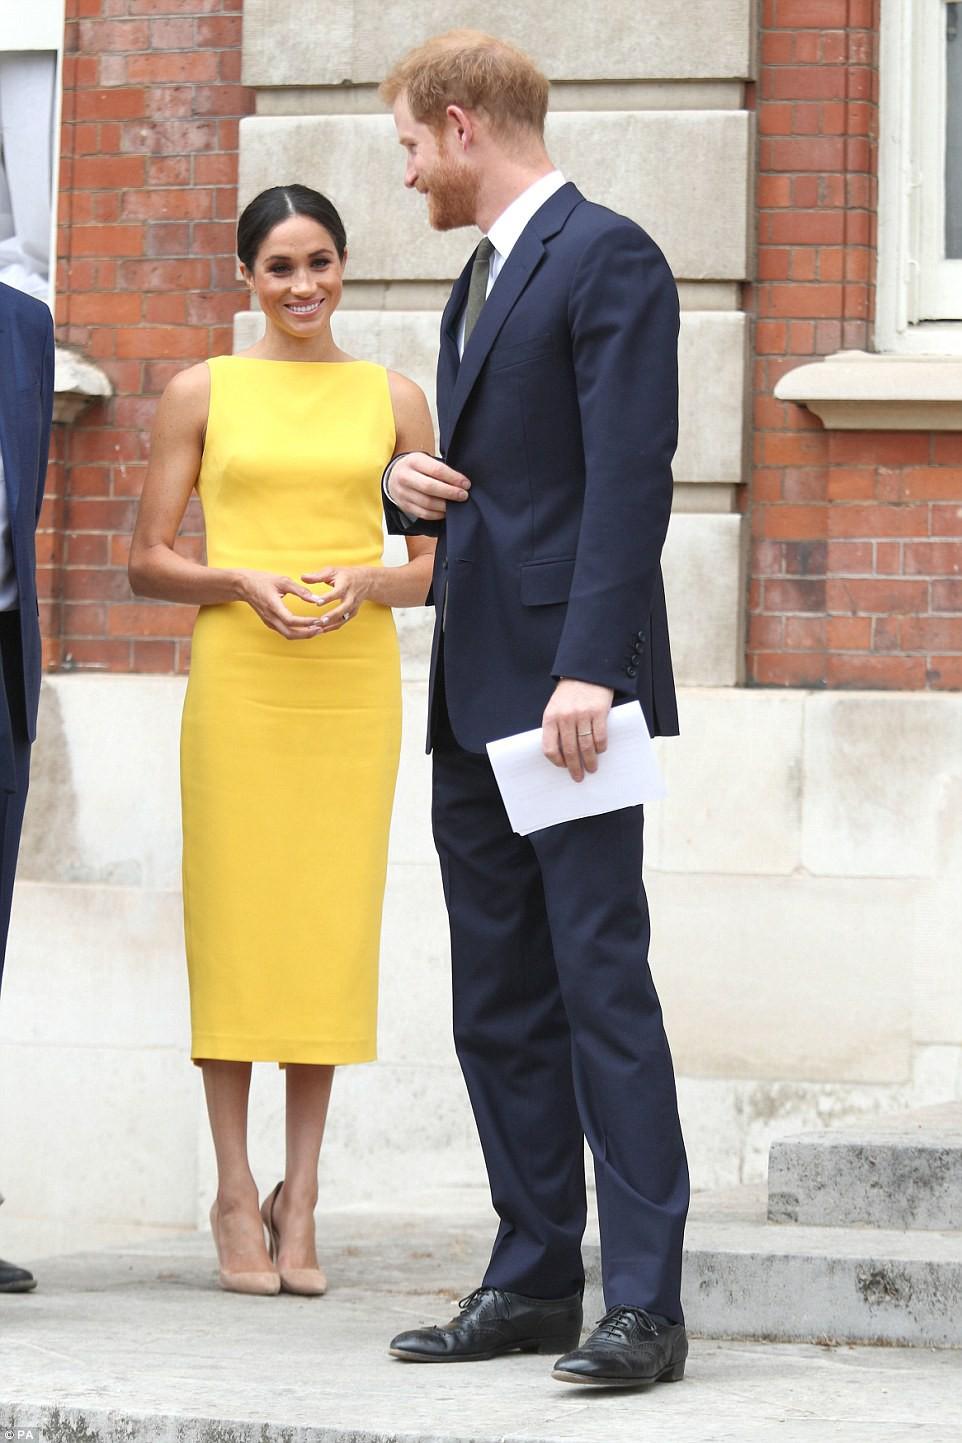 Không đi cùng Nữ hoàng, Meghan Markle chiếm trọn spotlight với váy vàng nổi bật bắt kịp trend hè năm nay - Ảnh 2.